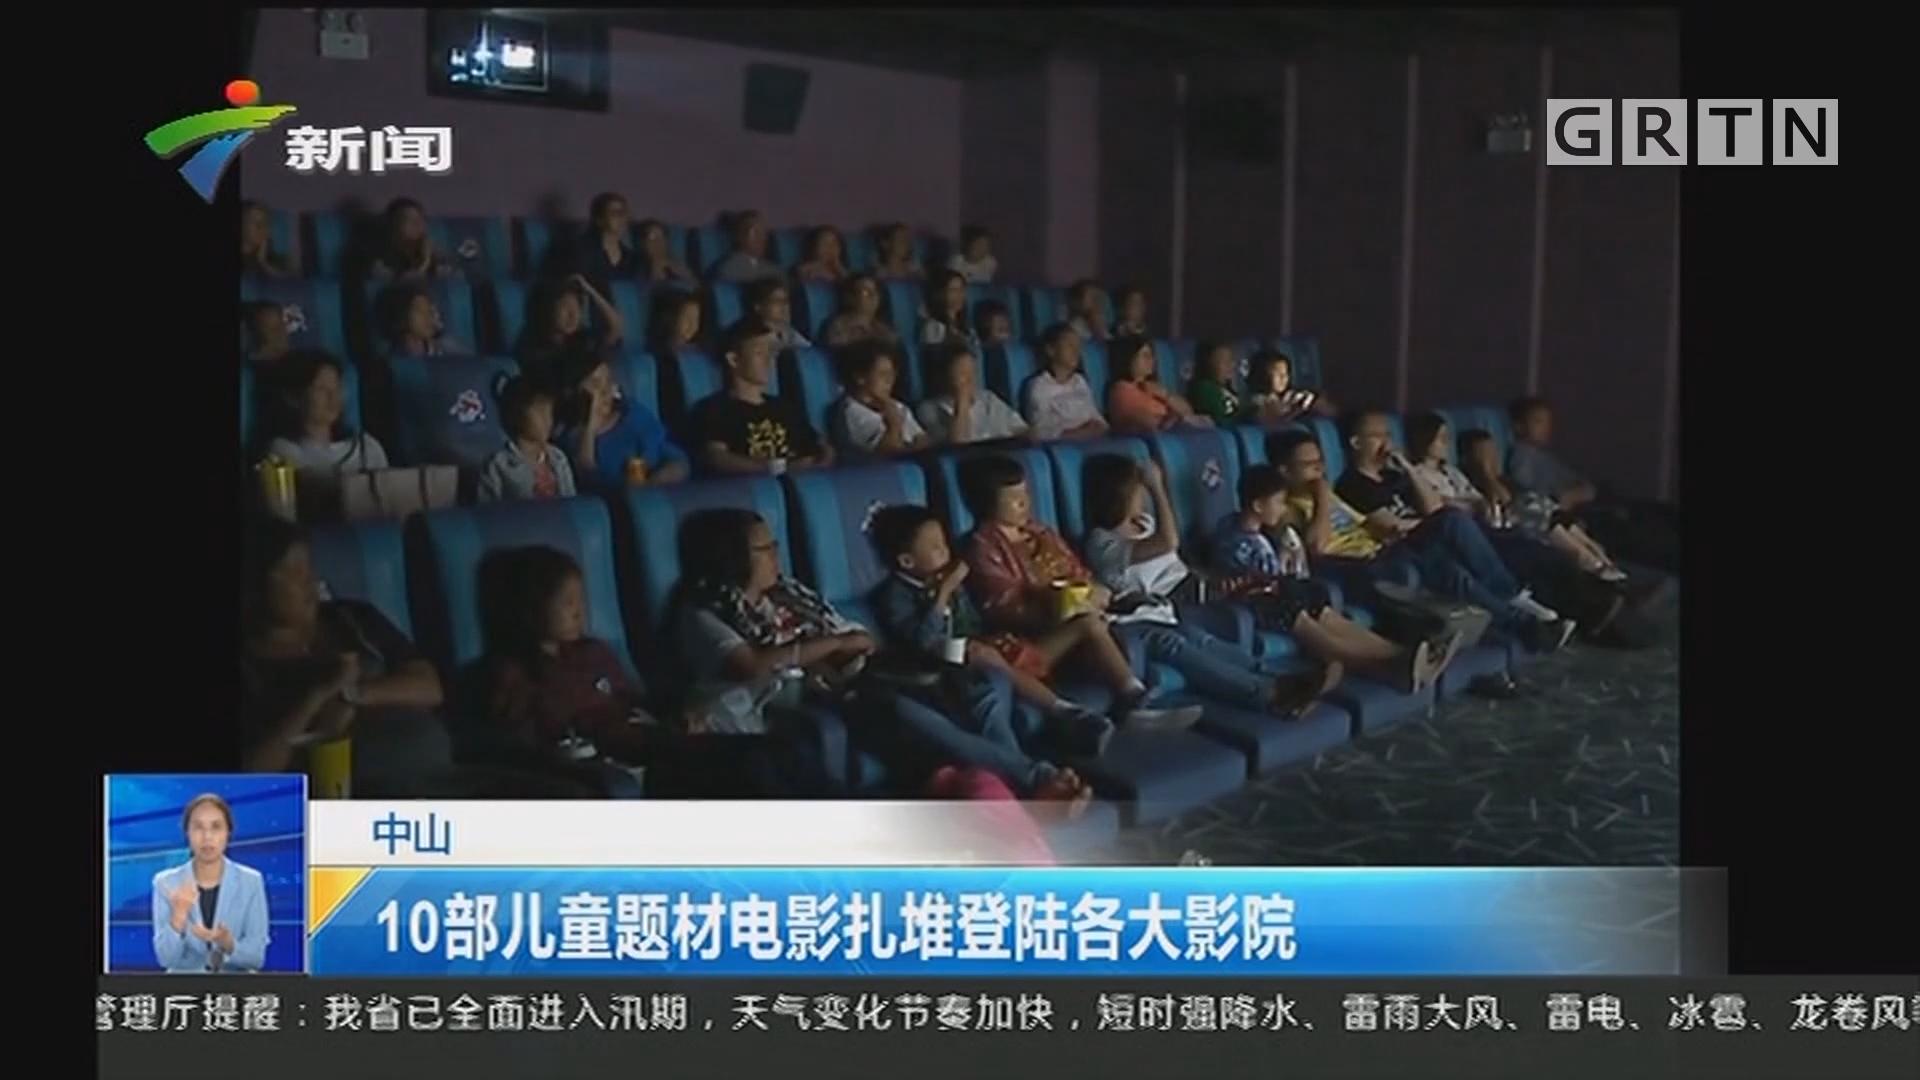 中山:10部儿童题材电影扎堆登陆各大影院